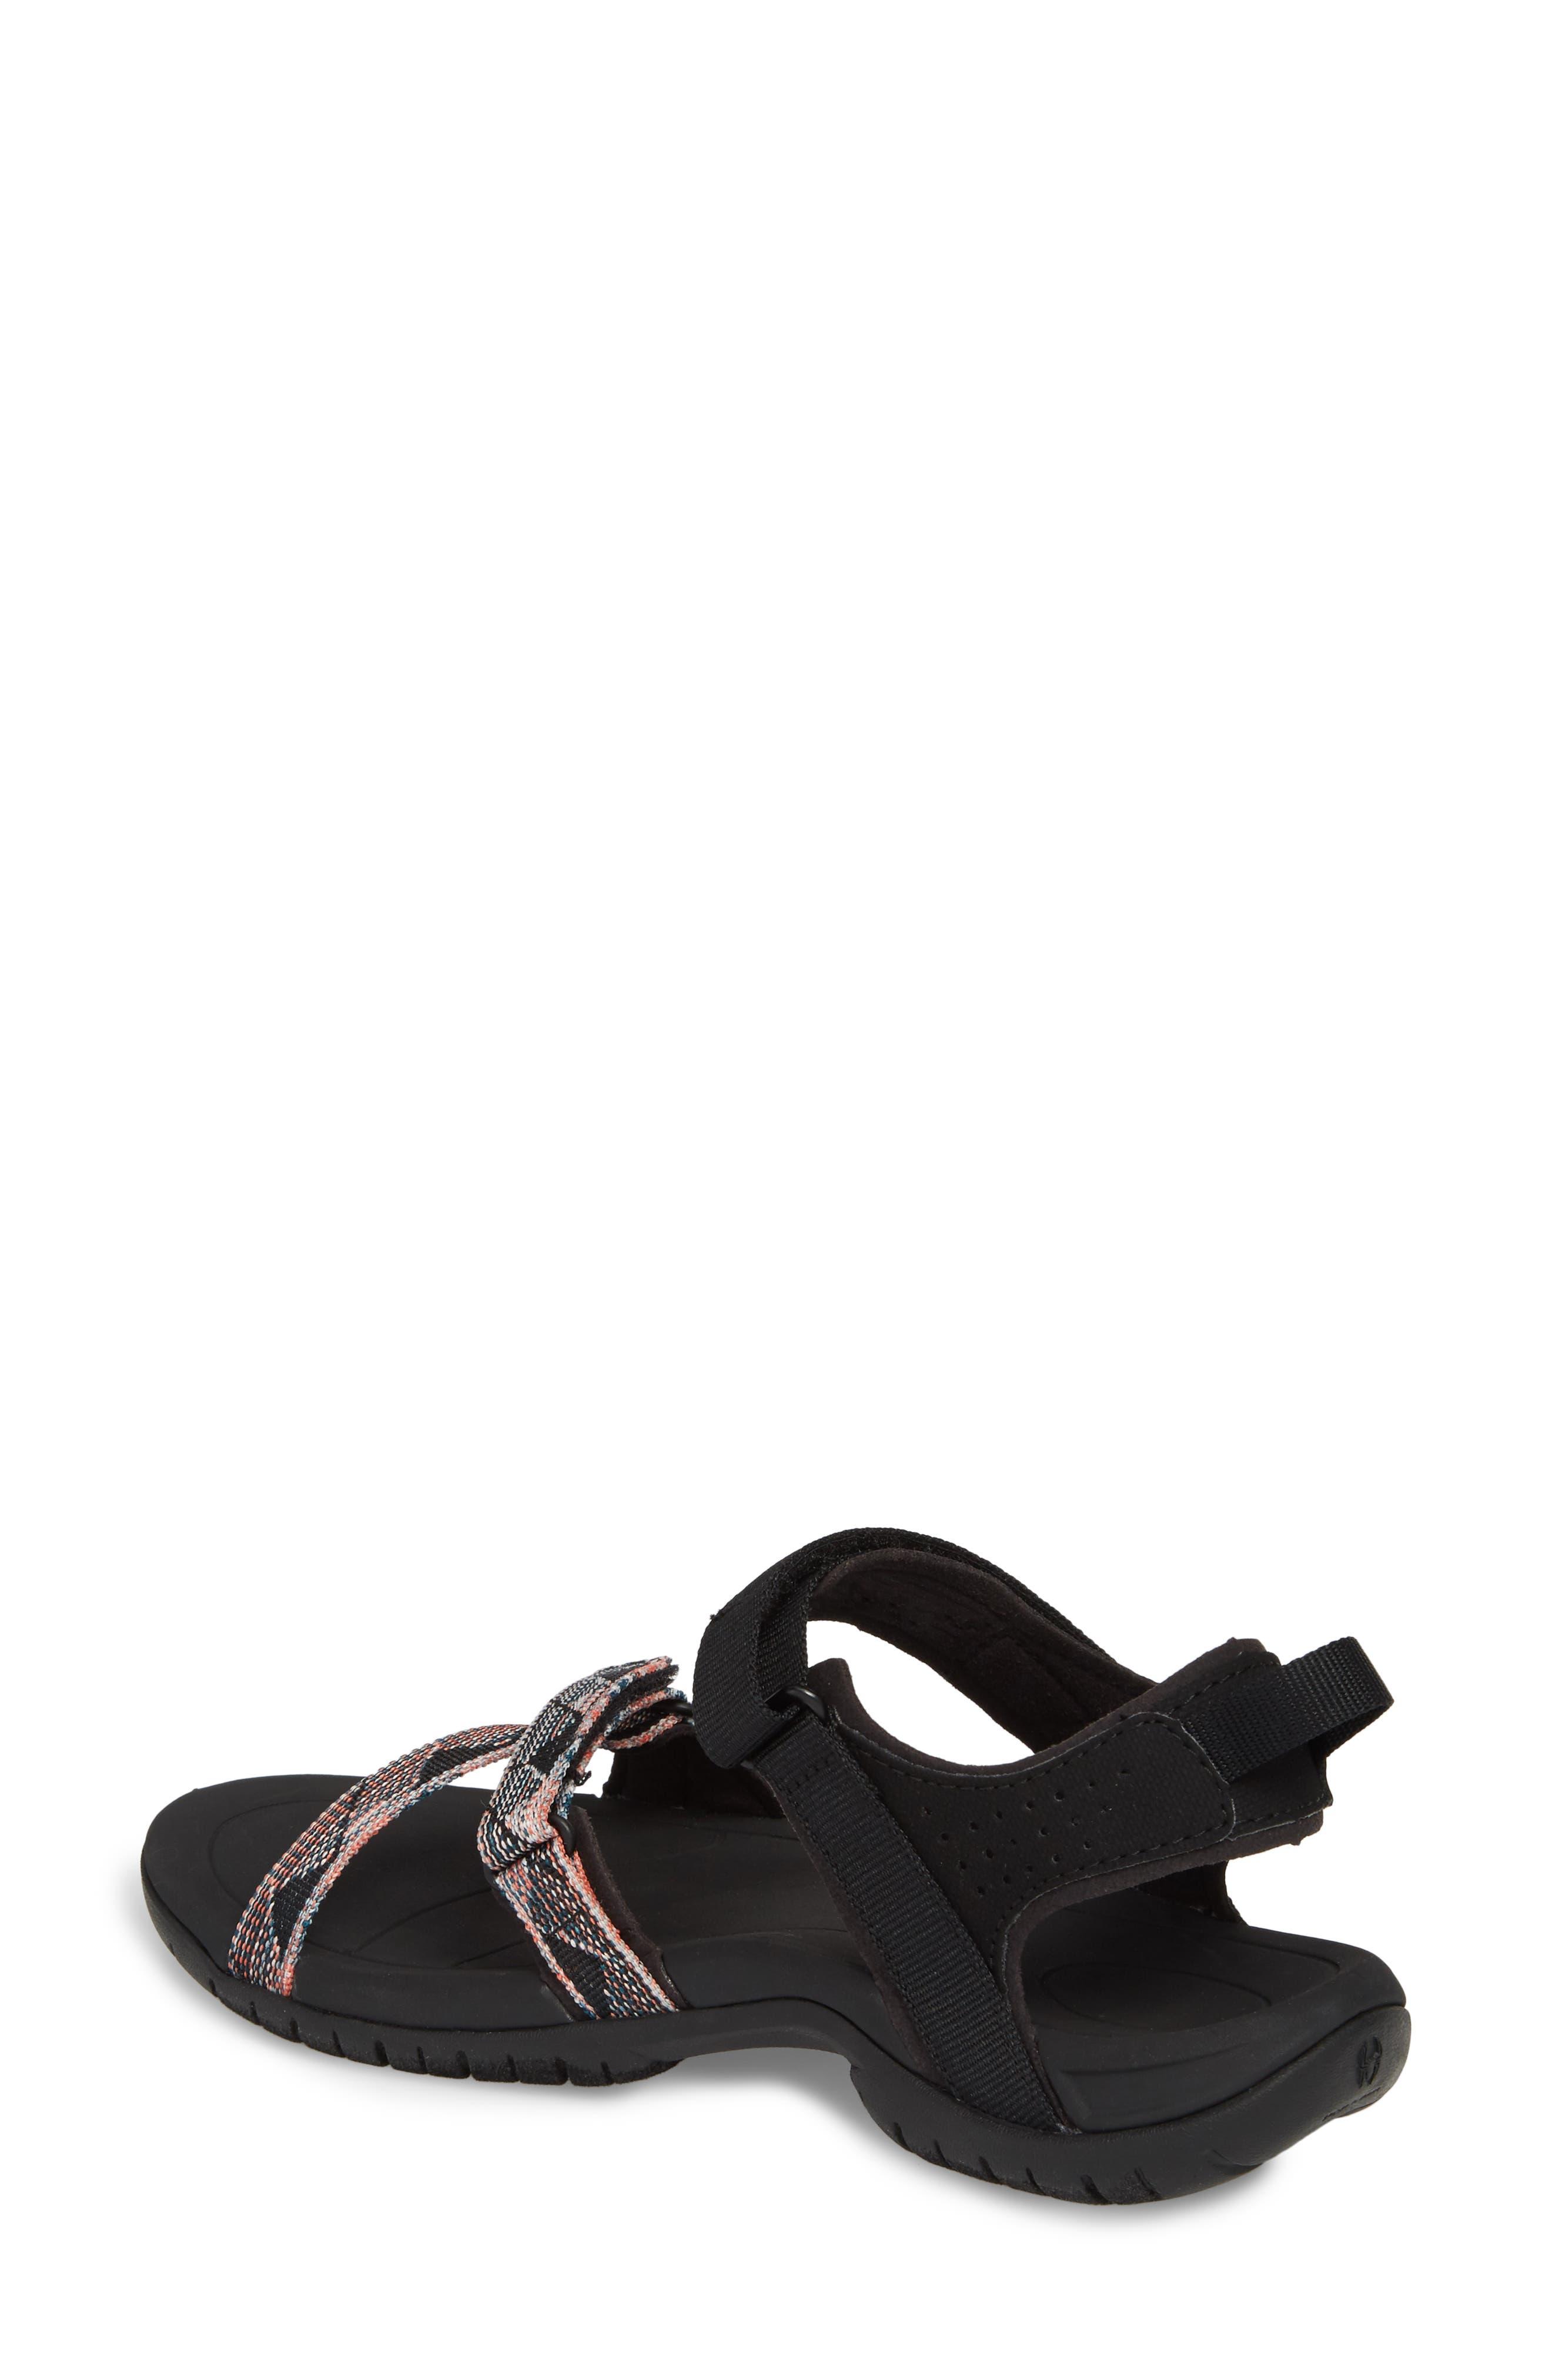 abb8e7718172 Women s Teva Shoes